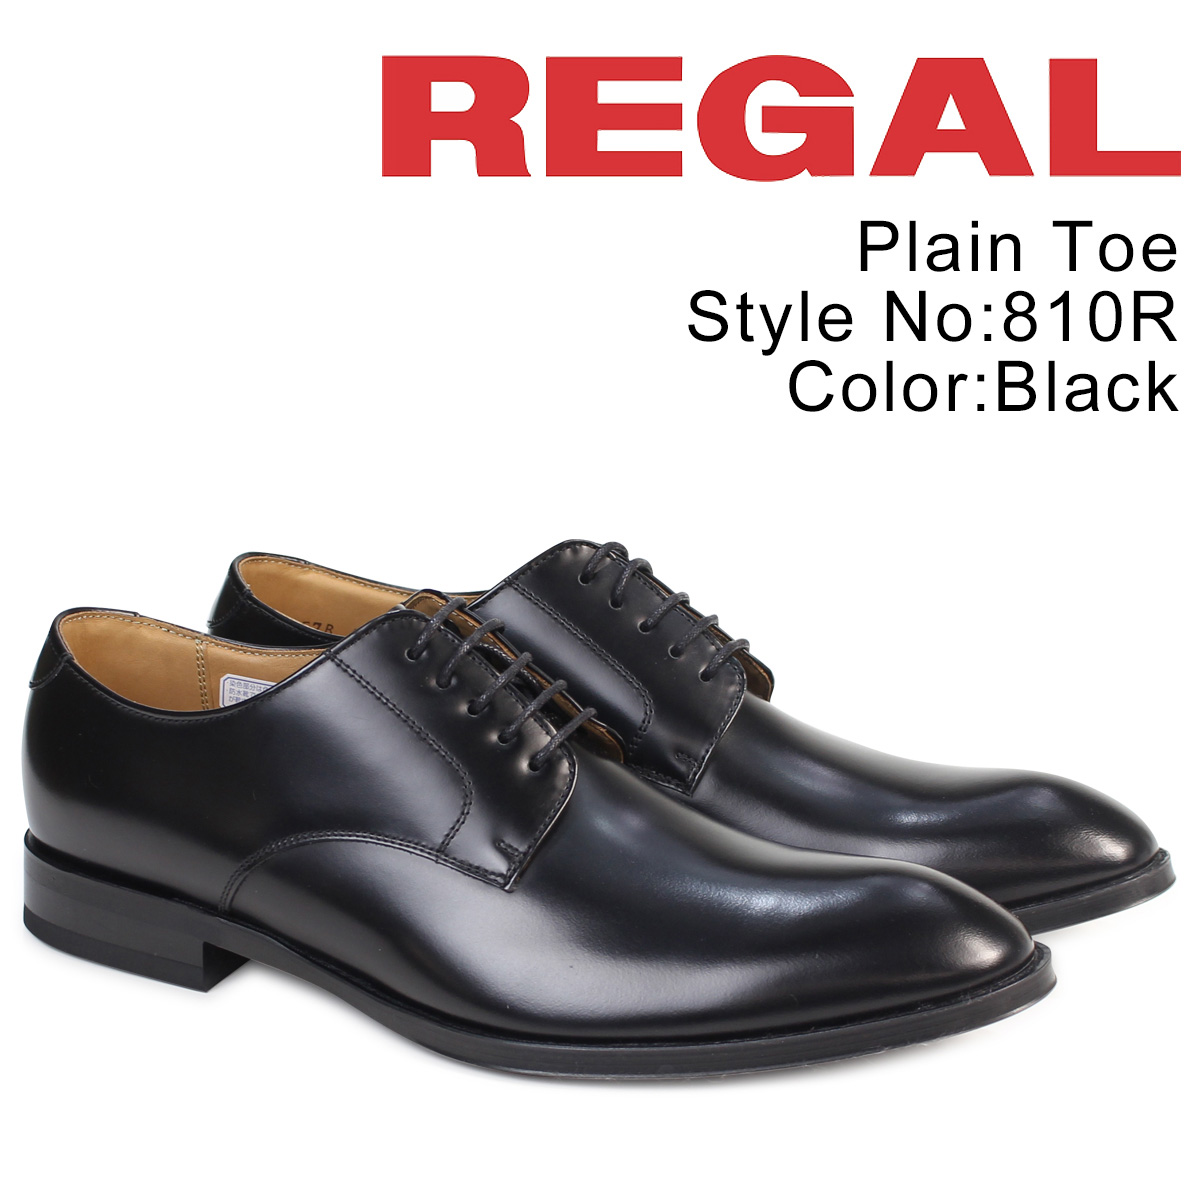 REGAL 靴 メンズ リーガル プレーントゥ 810RAL ビジネスシューズ 日本製 ブラック 黒 [4/3 追加入荷]